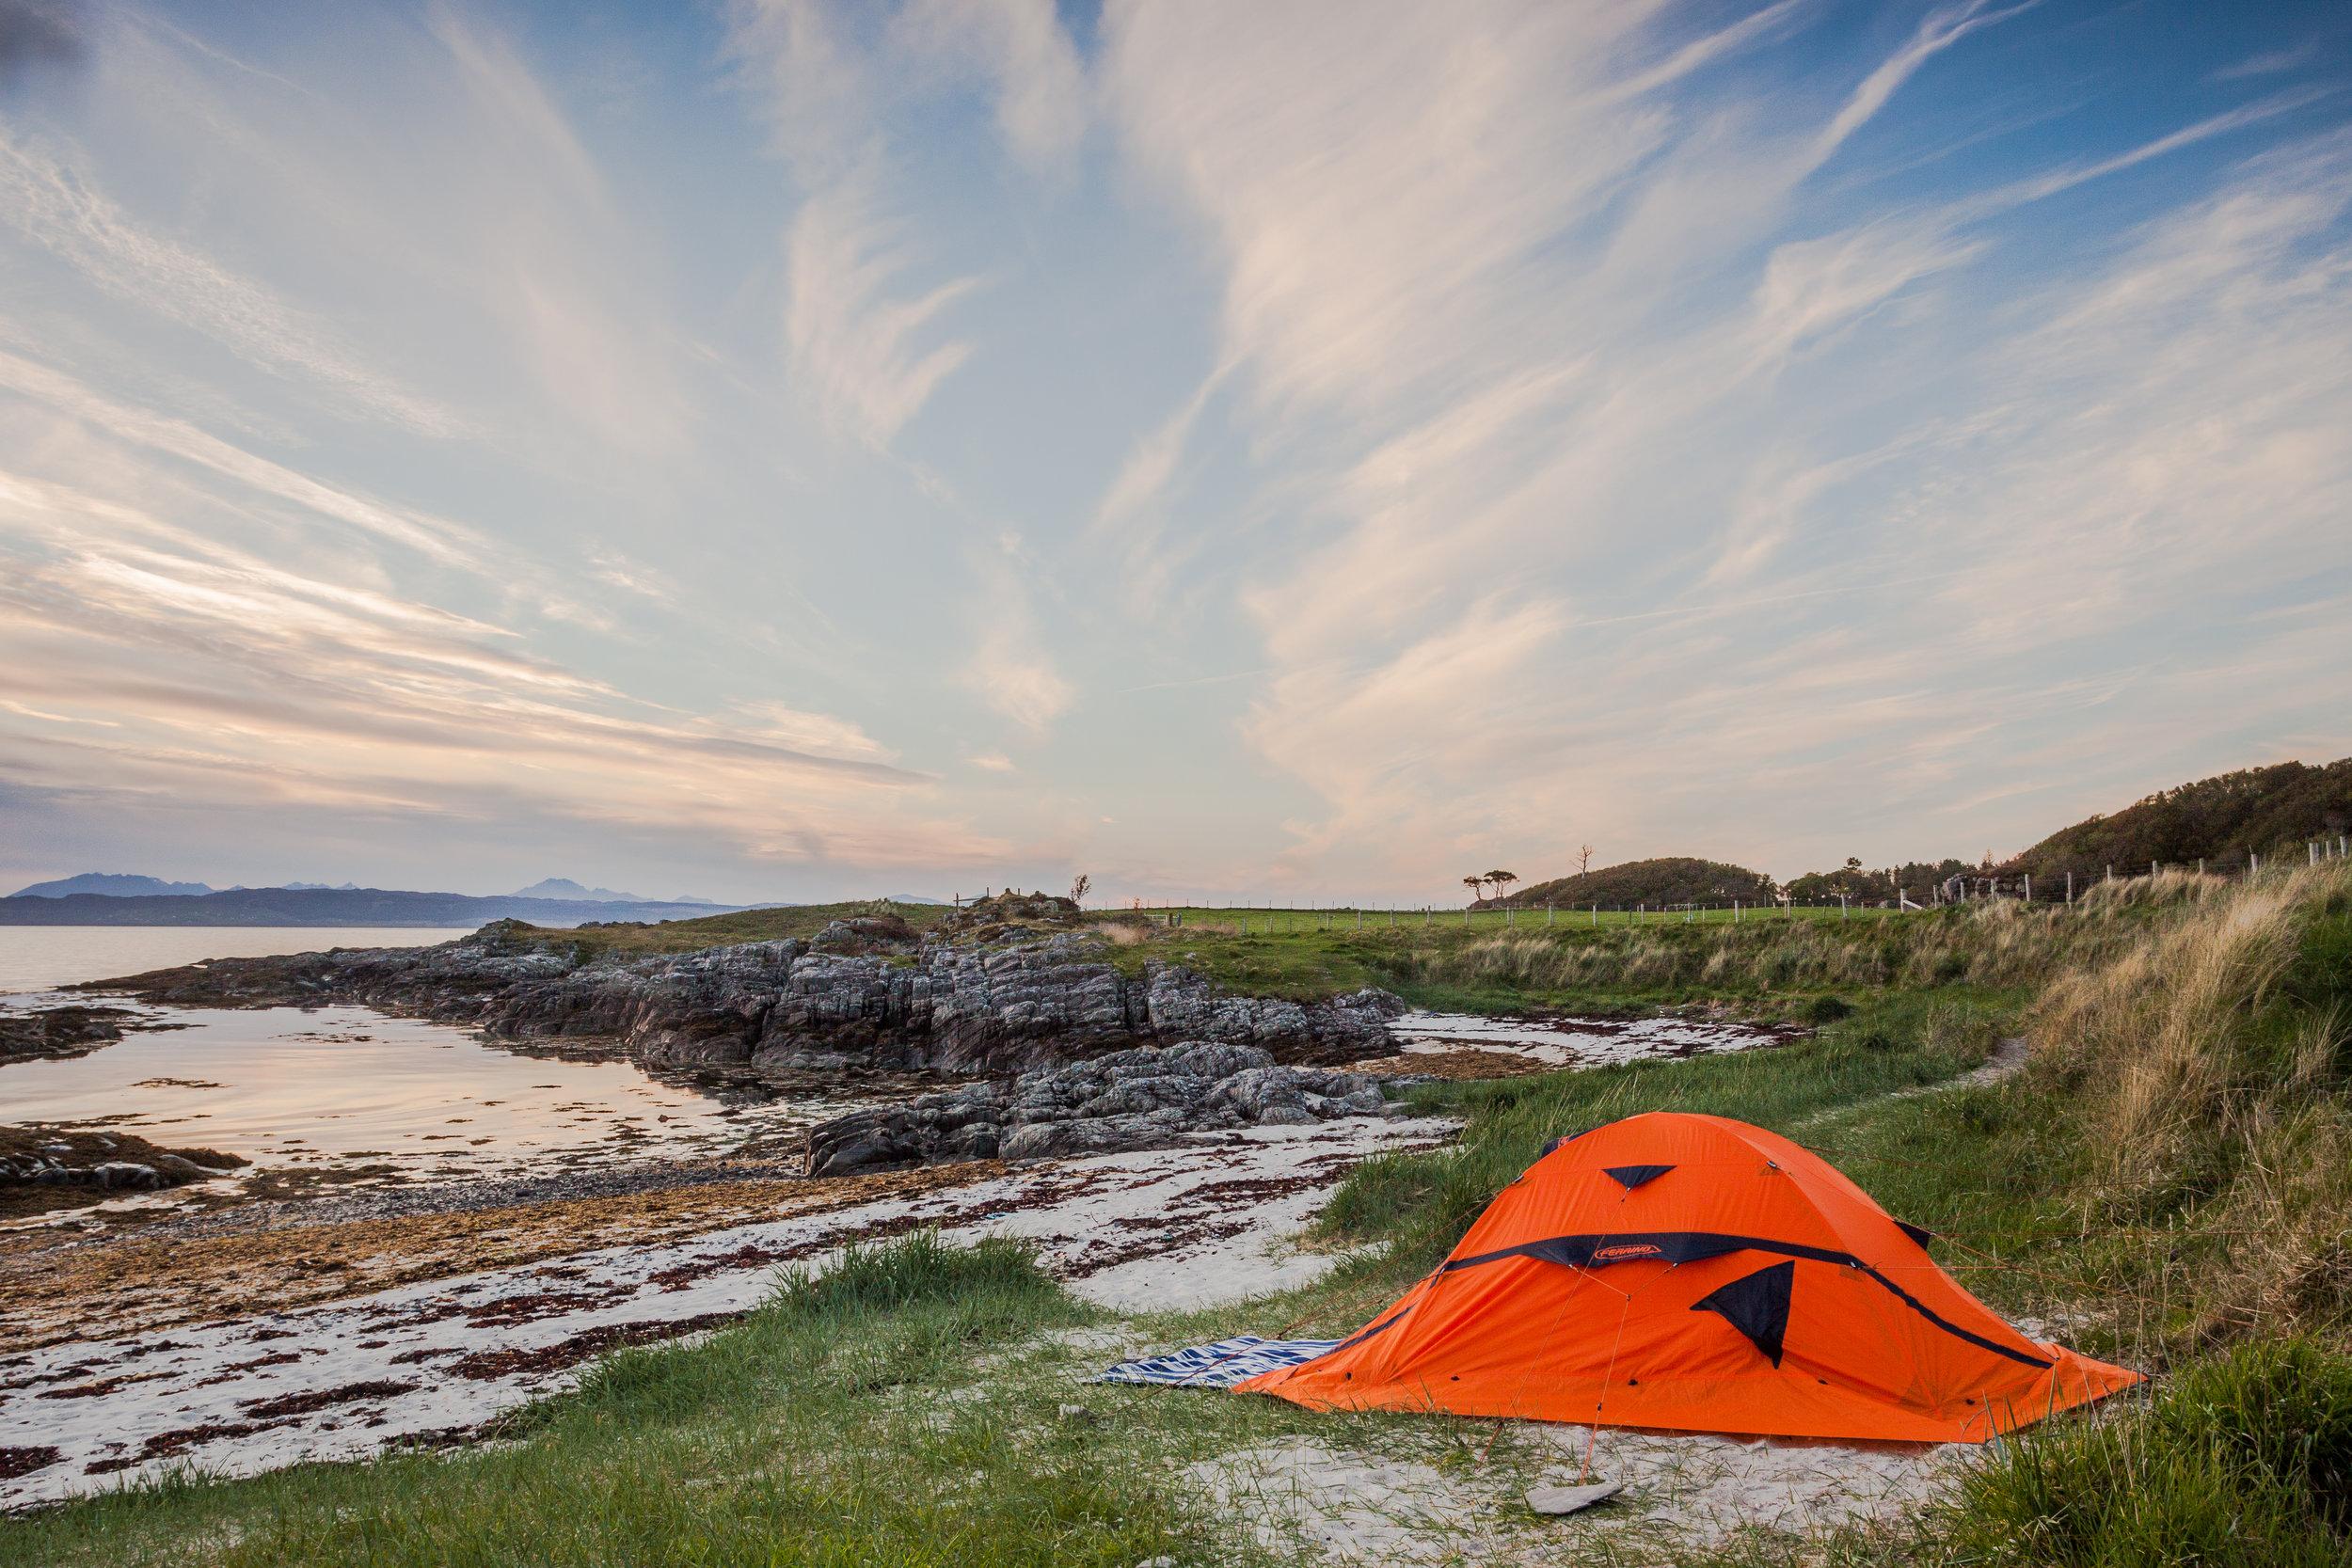 Summer Bucket List - Camping